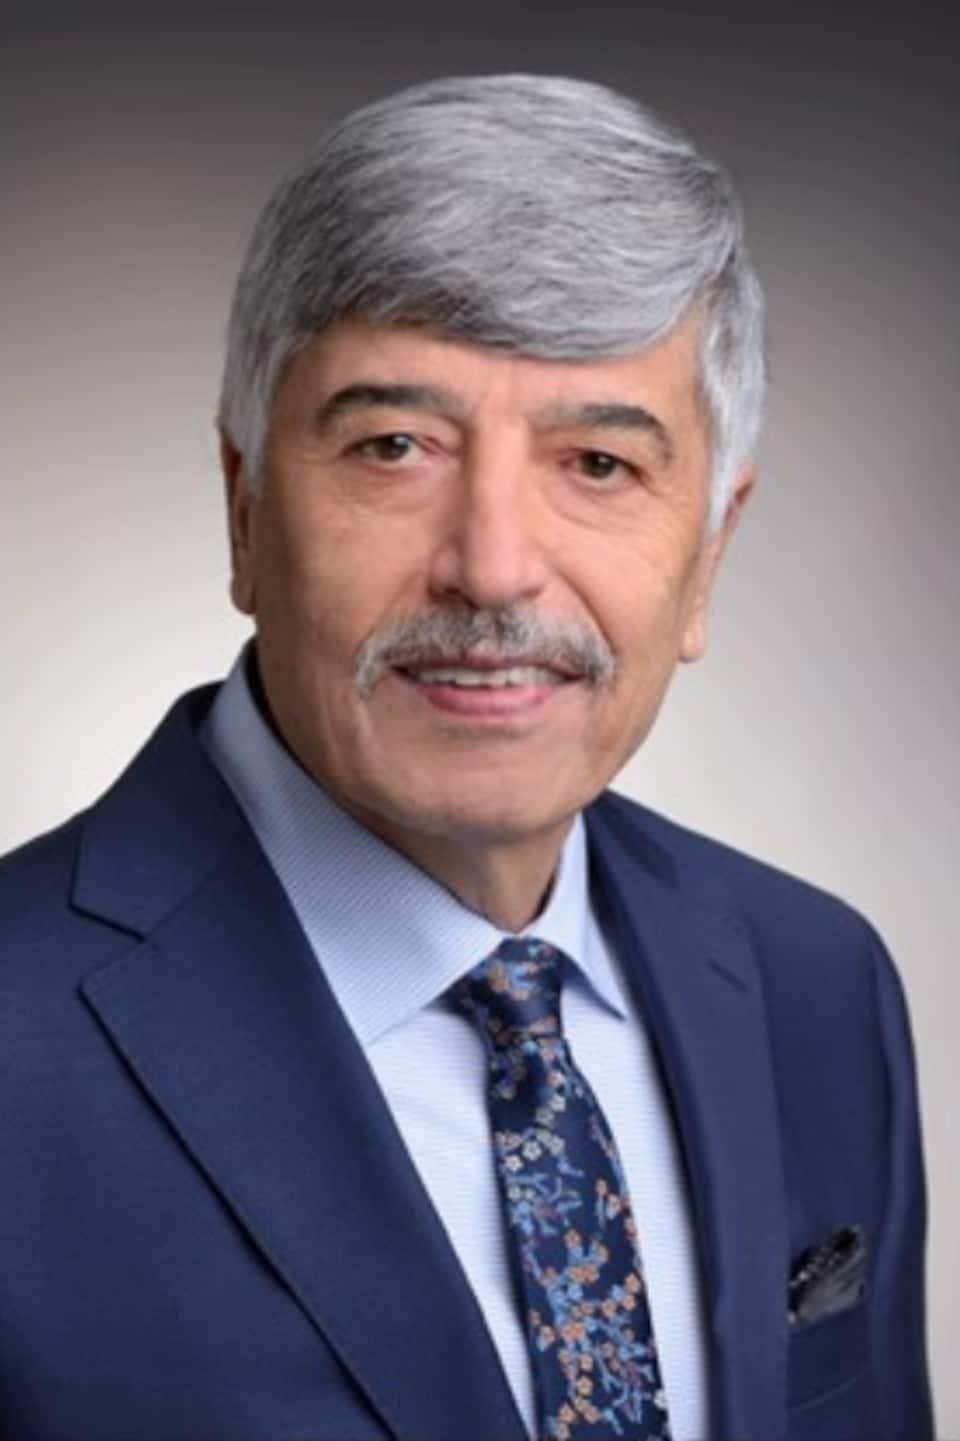 Une photo du professeur Masoud Farzaneh devant un fond gris.